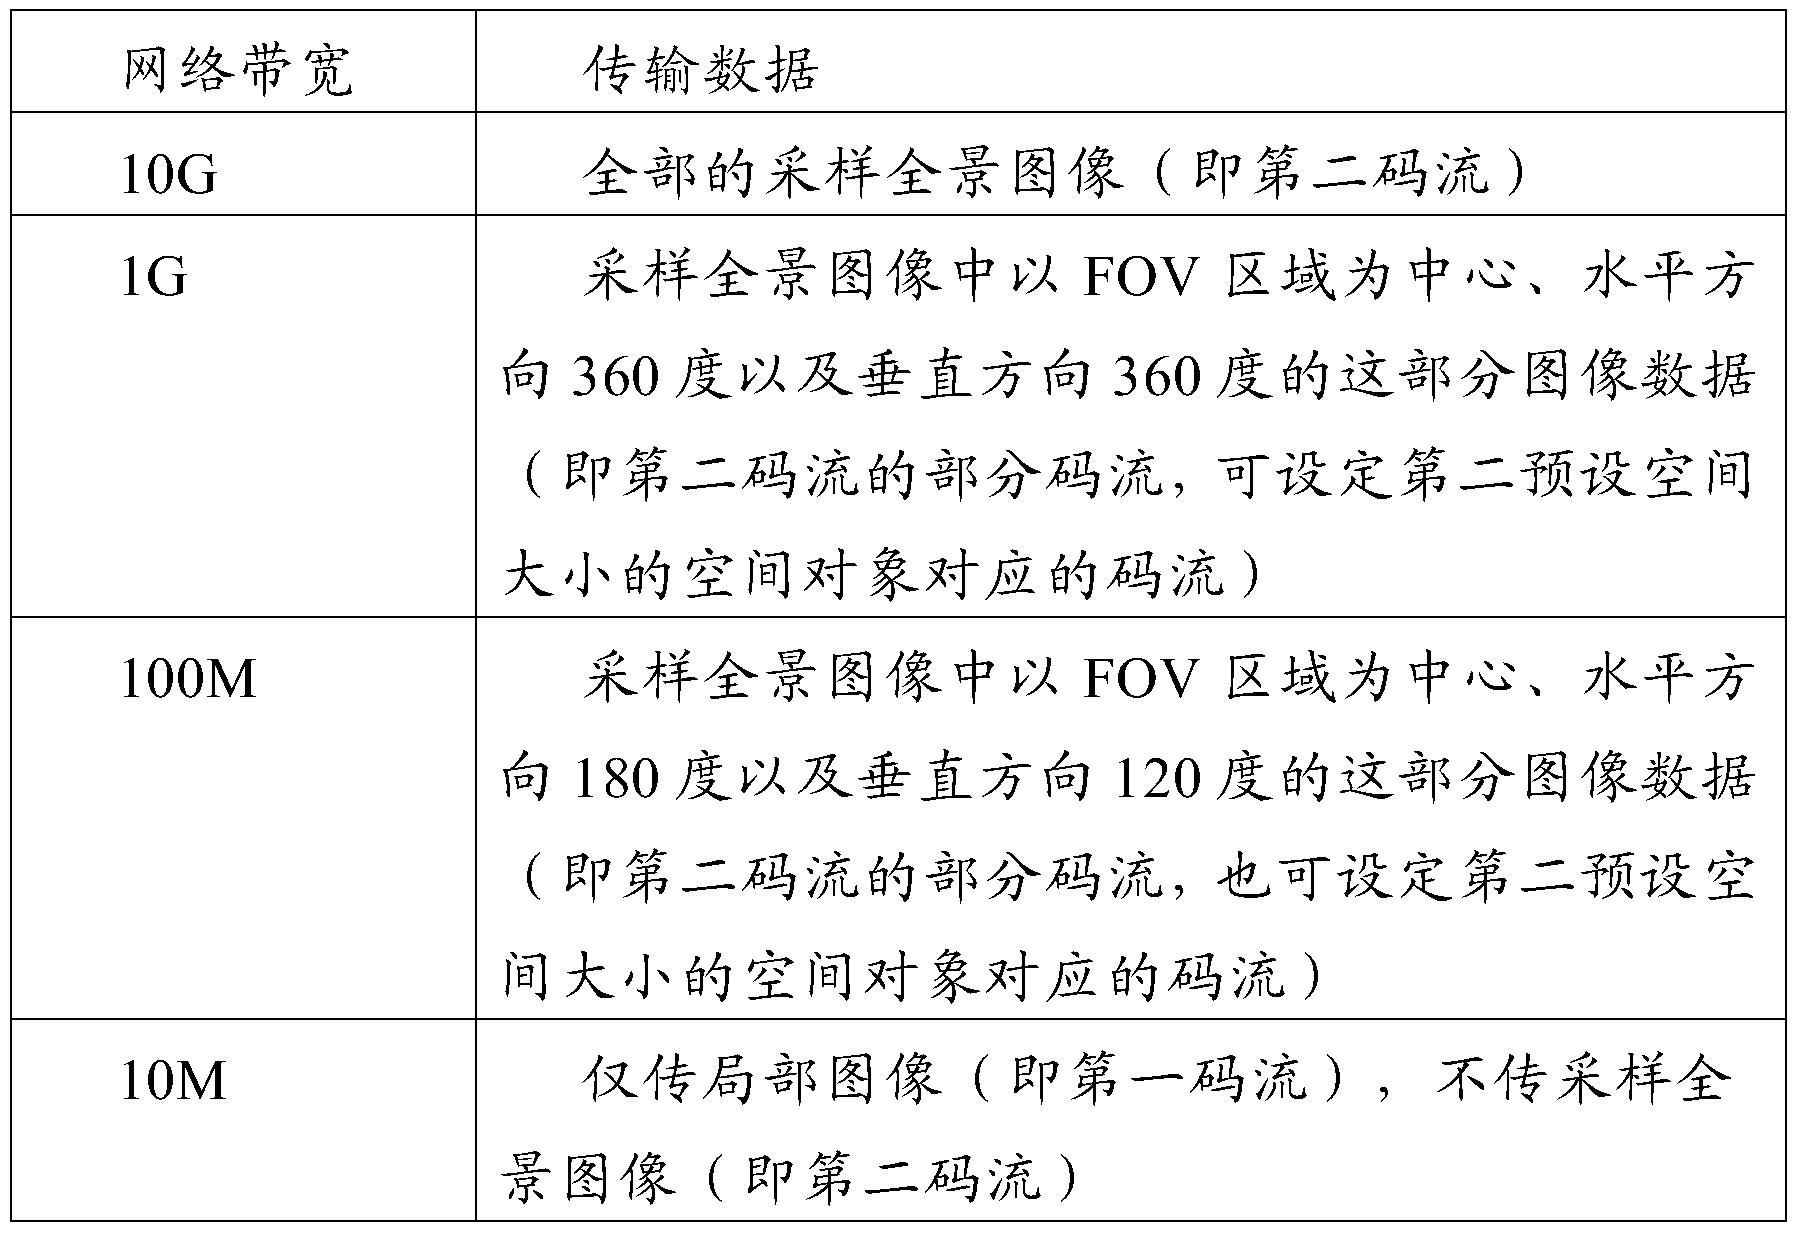 Figure PCTCN2016101823-appb-000001